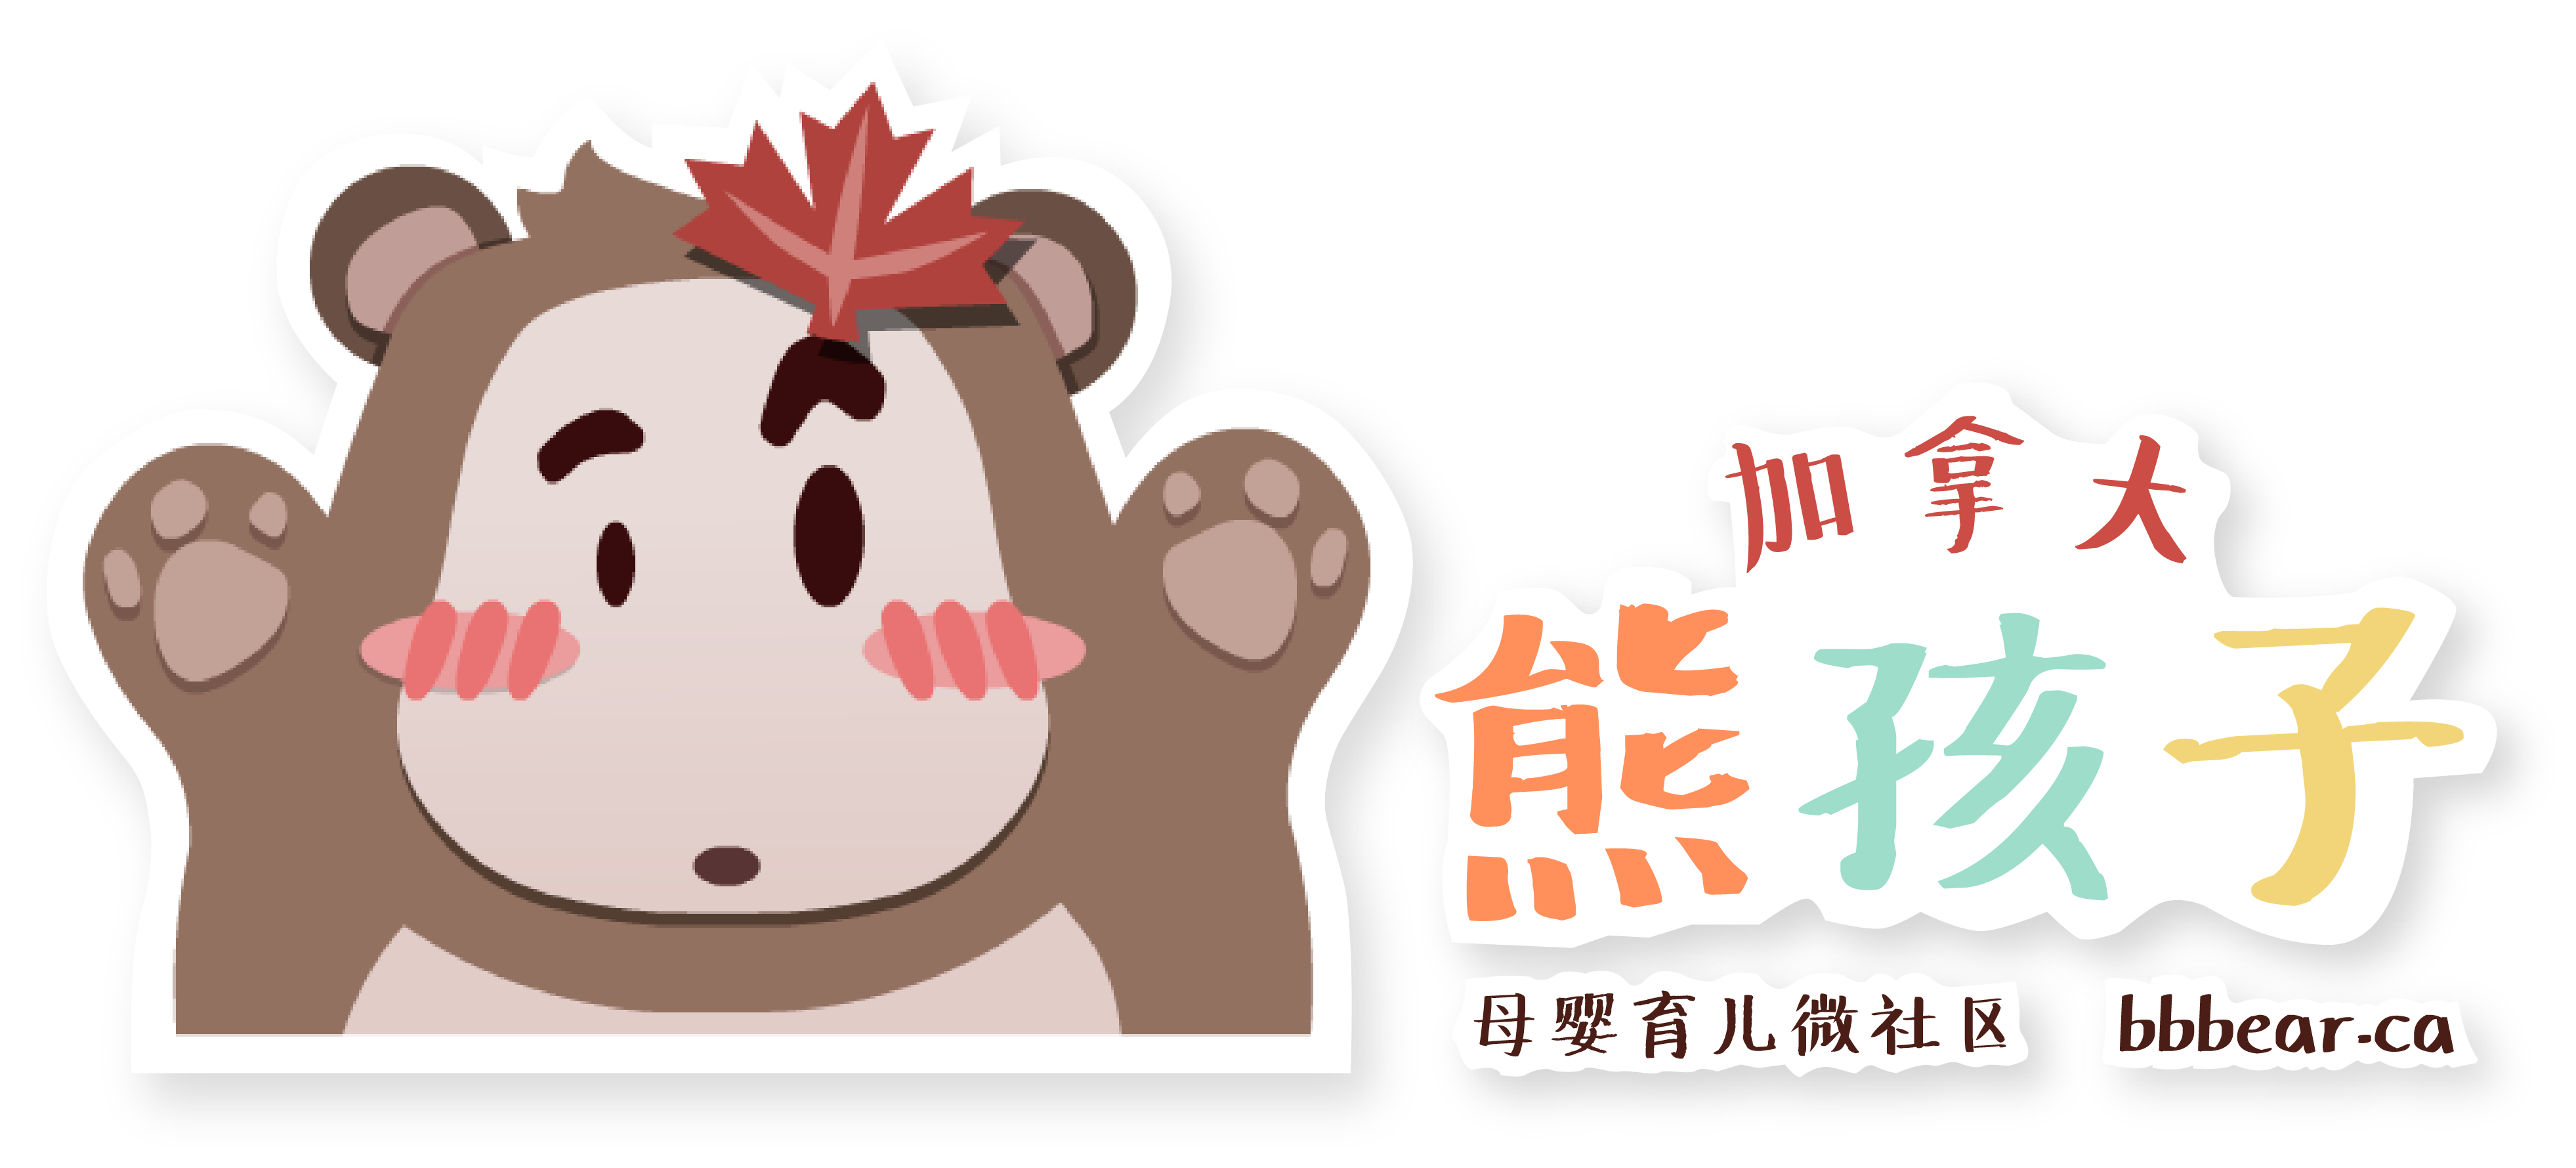 加拿大熊孩子logo